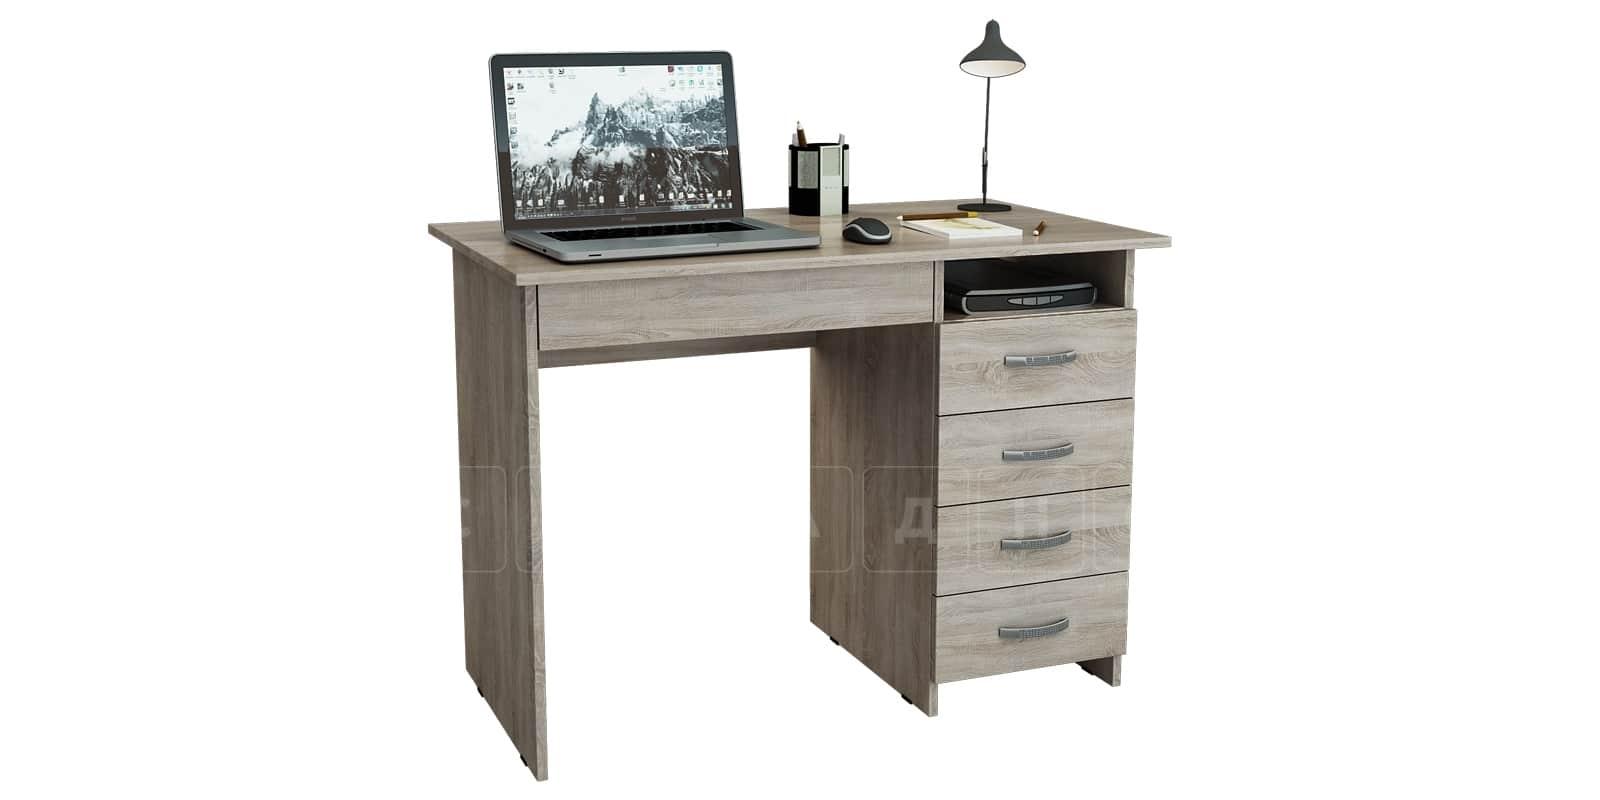 Офисный стол Харви с ящиками фото 8 | интернет-магазин Складно